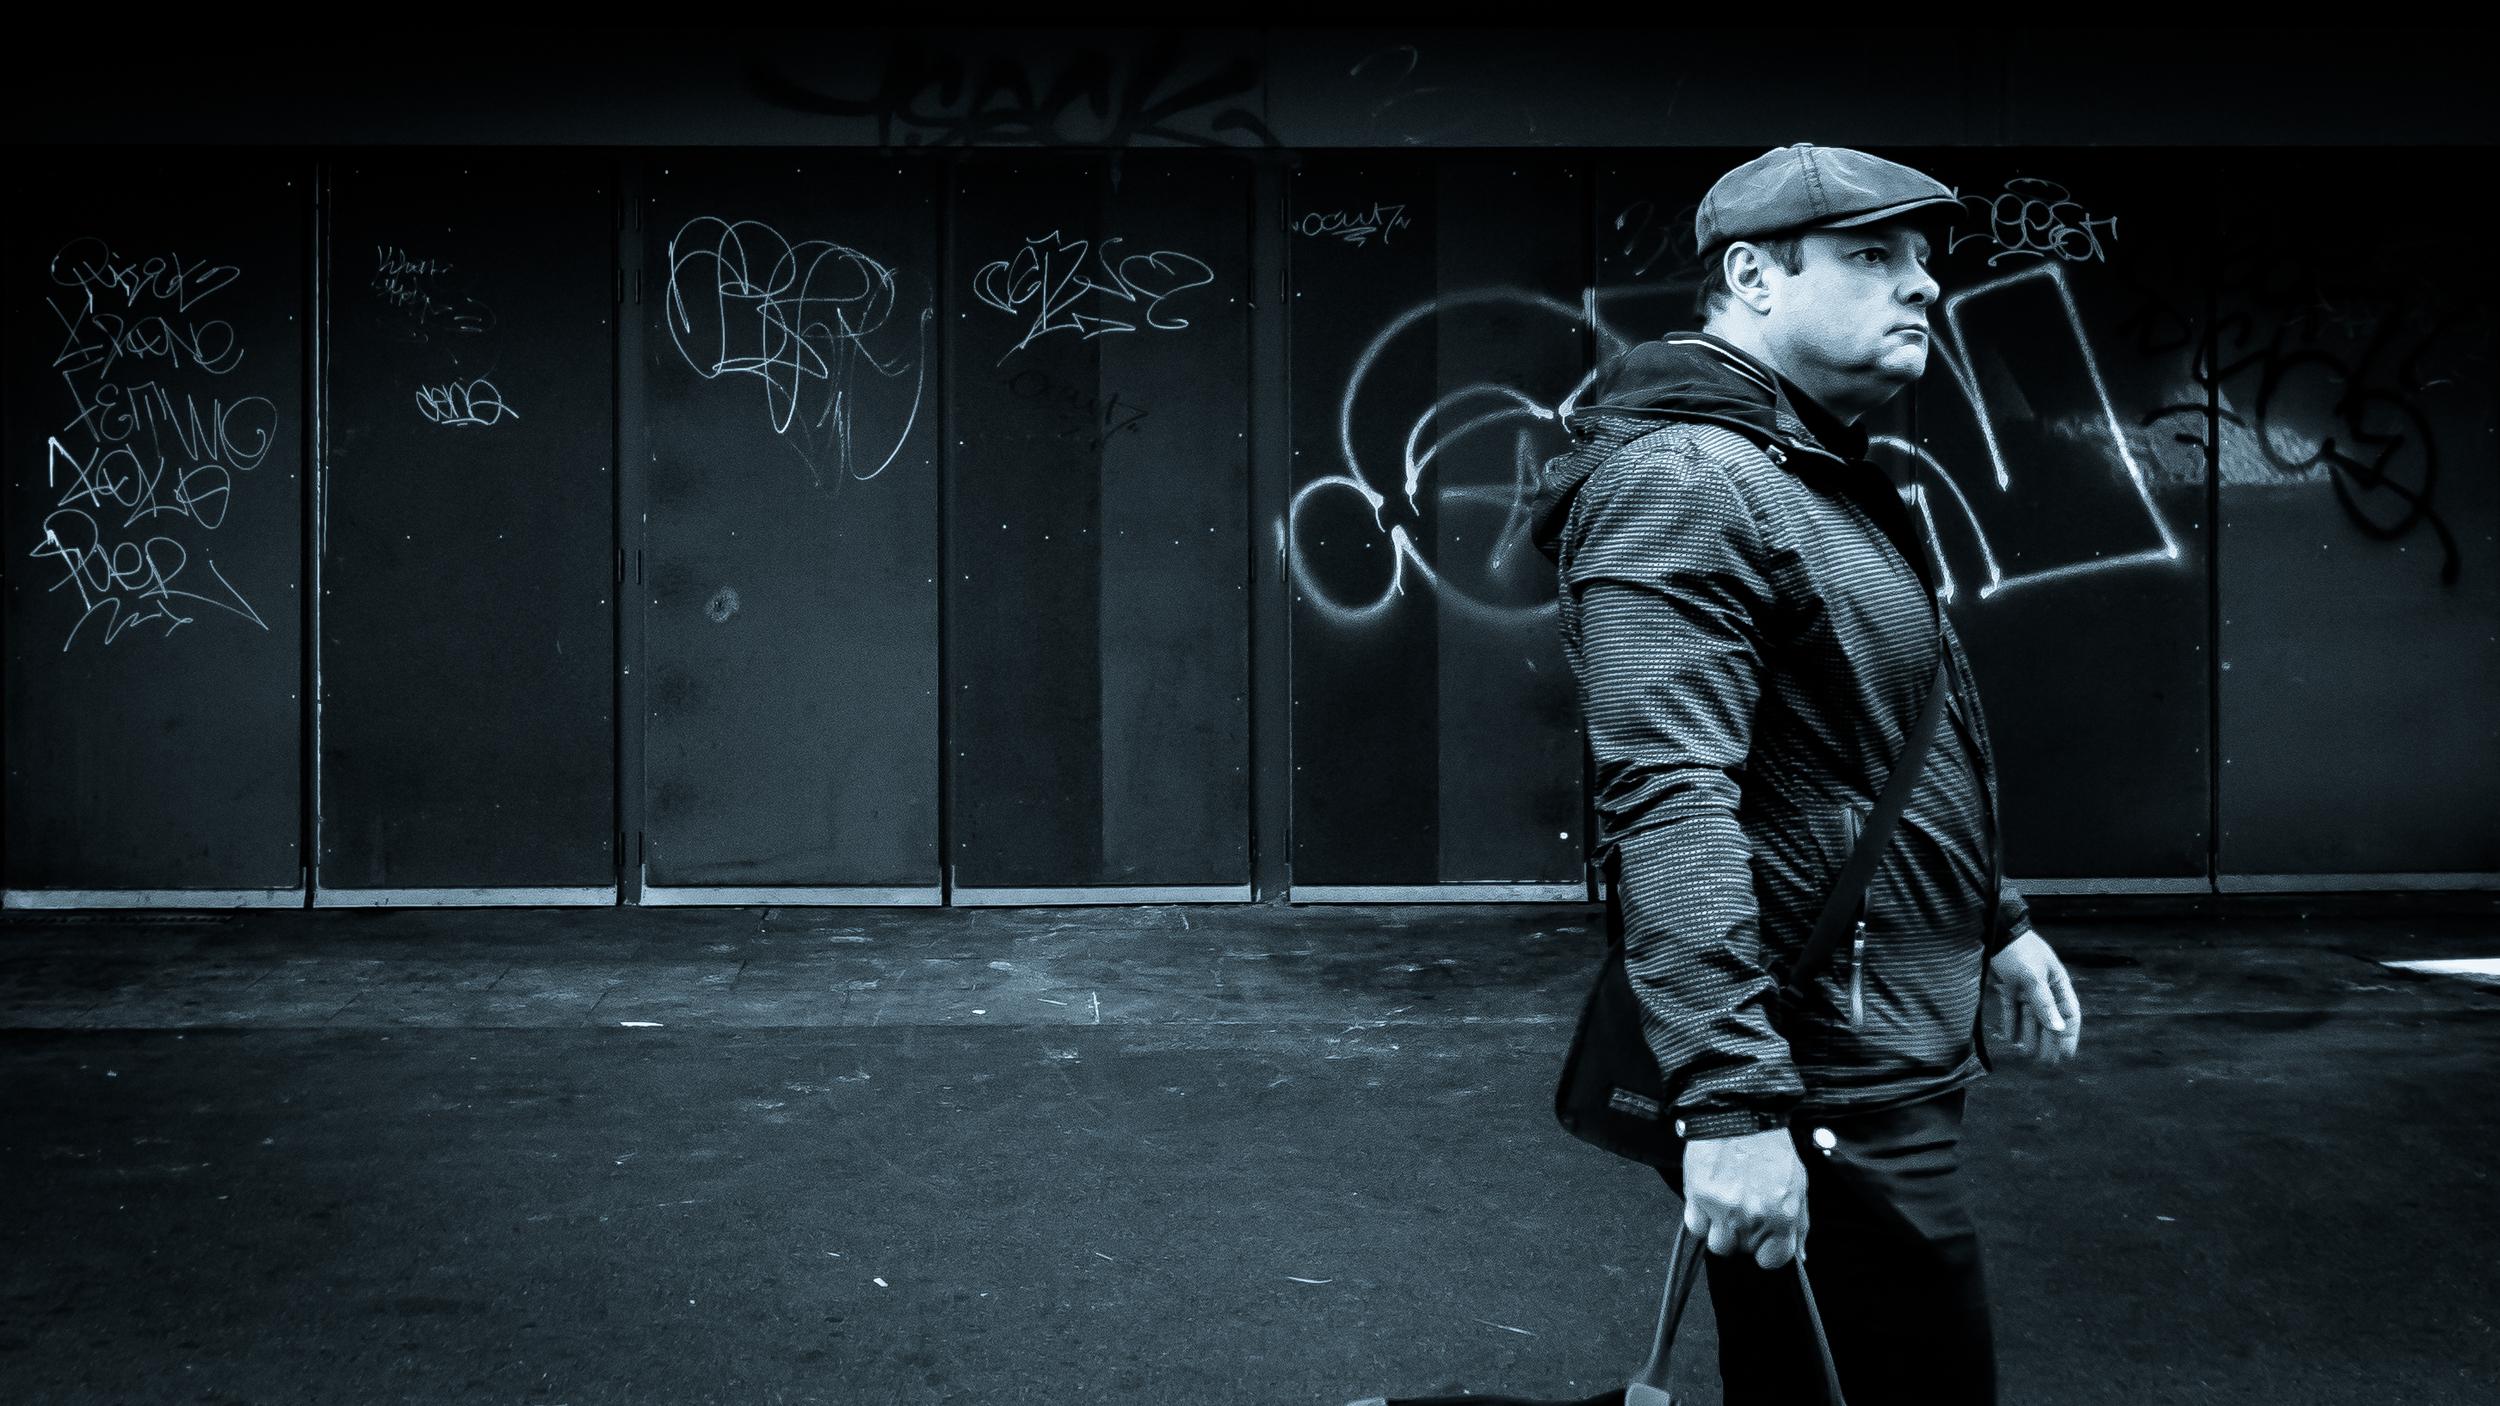 Viewfinder-straatfotografie-Brussel-eigenzinnige-fotografie-Anspachlaan-en-omgeving-experimenteren-met-lightroom